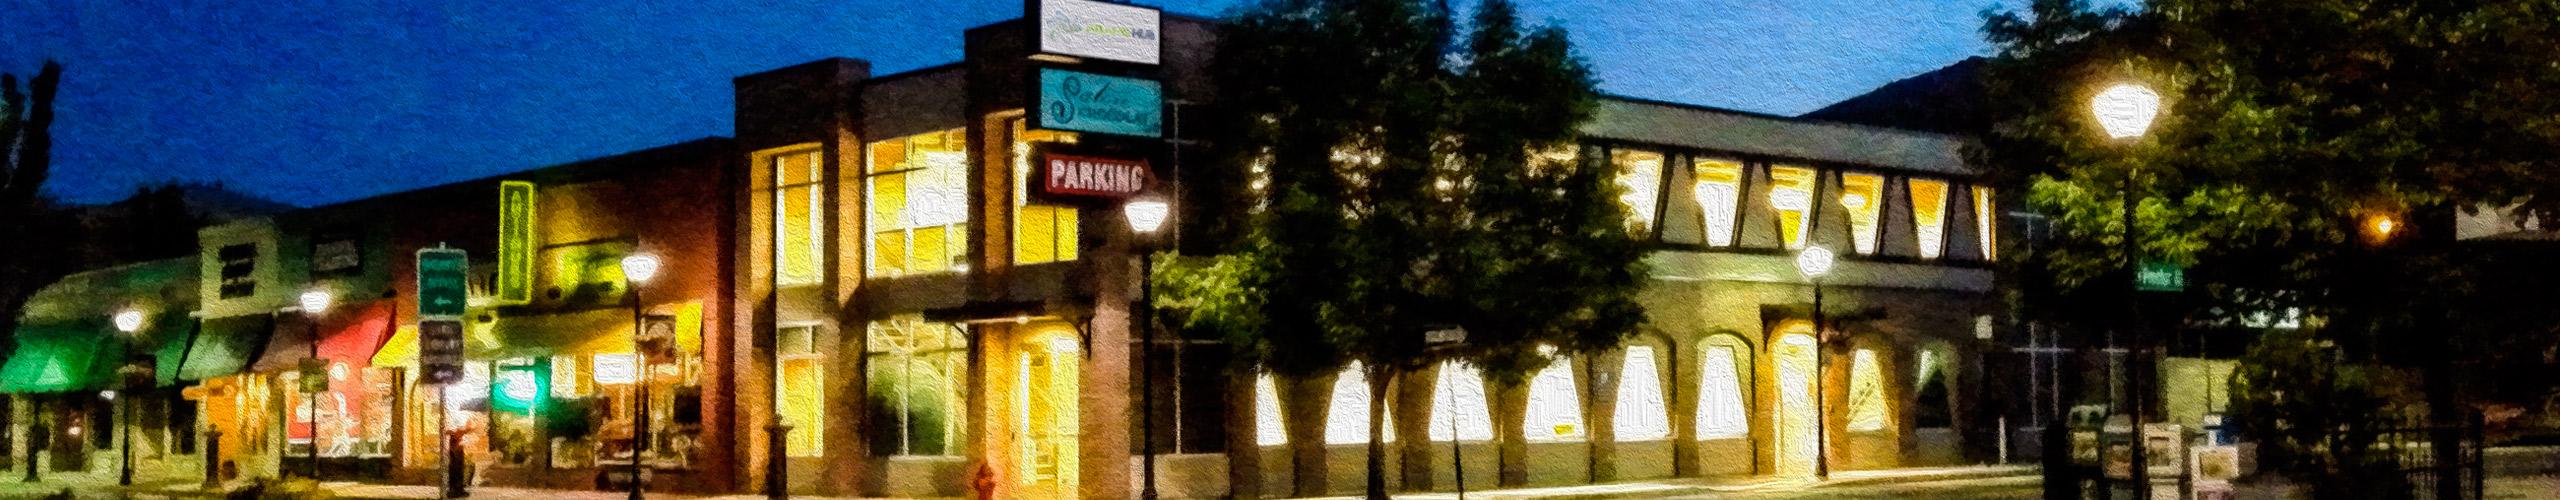 Down town Carson city, NV